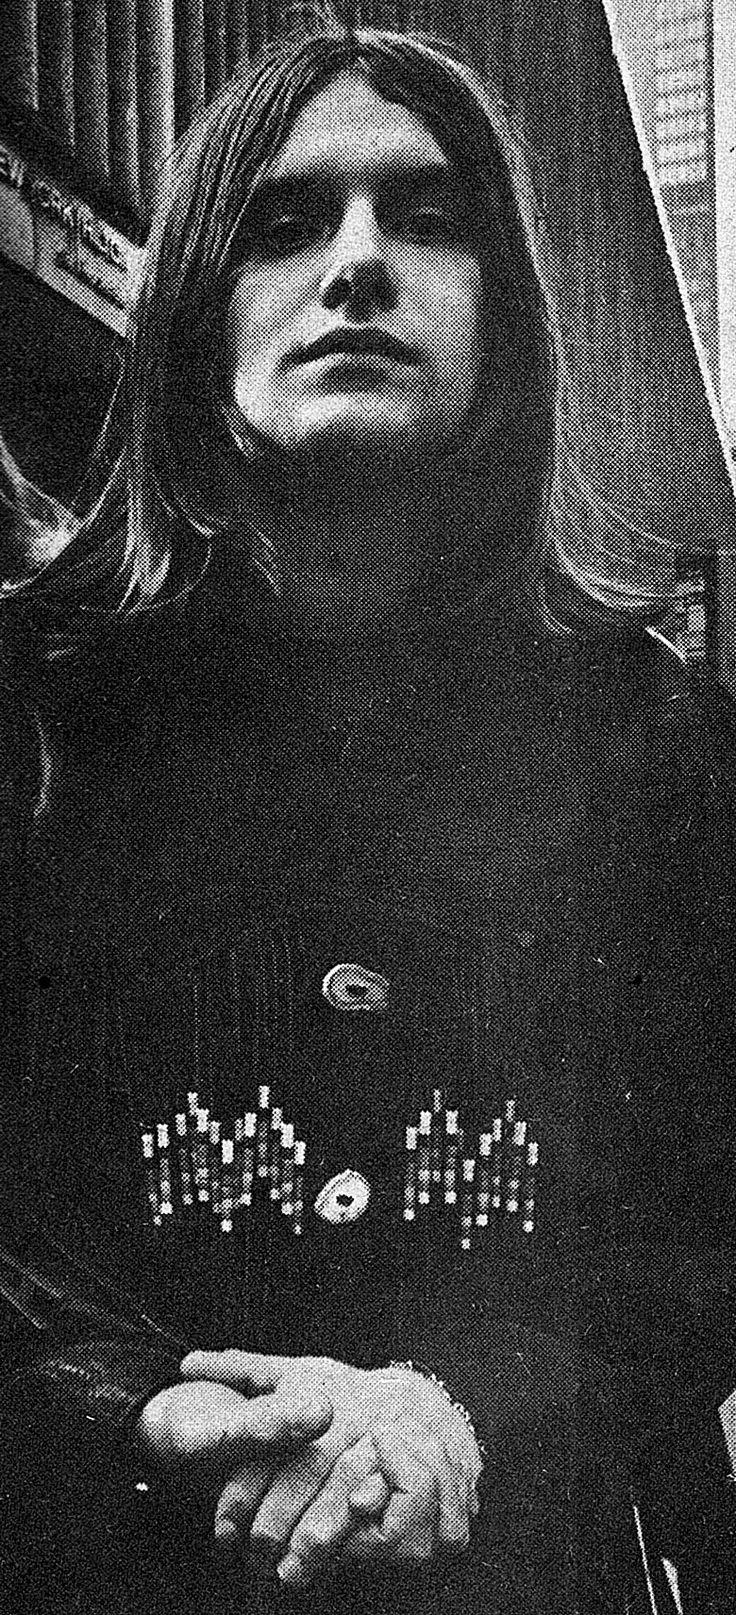 Carl Palmer - Emerson, Lake & Palmer - ELP - Photo taken in NYC Nov 10 1971